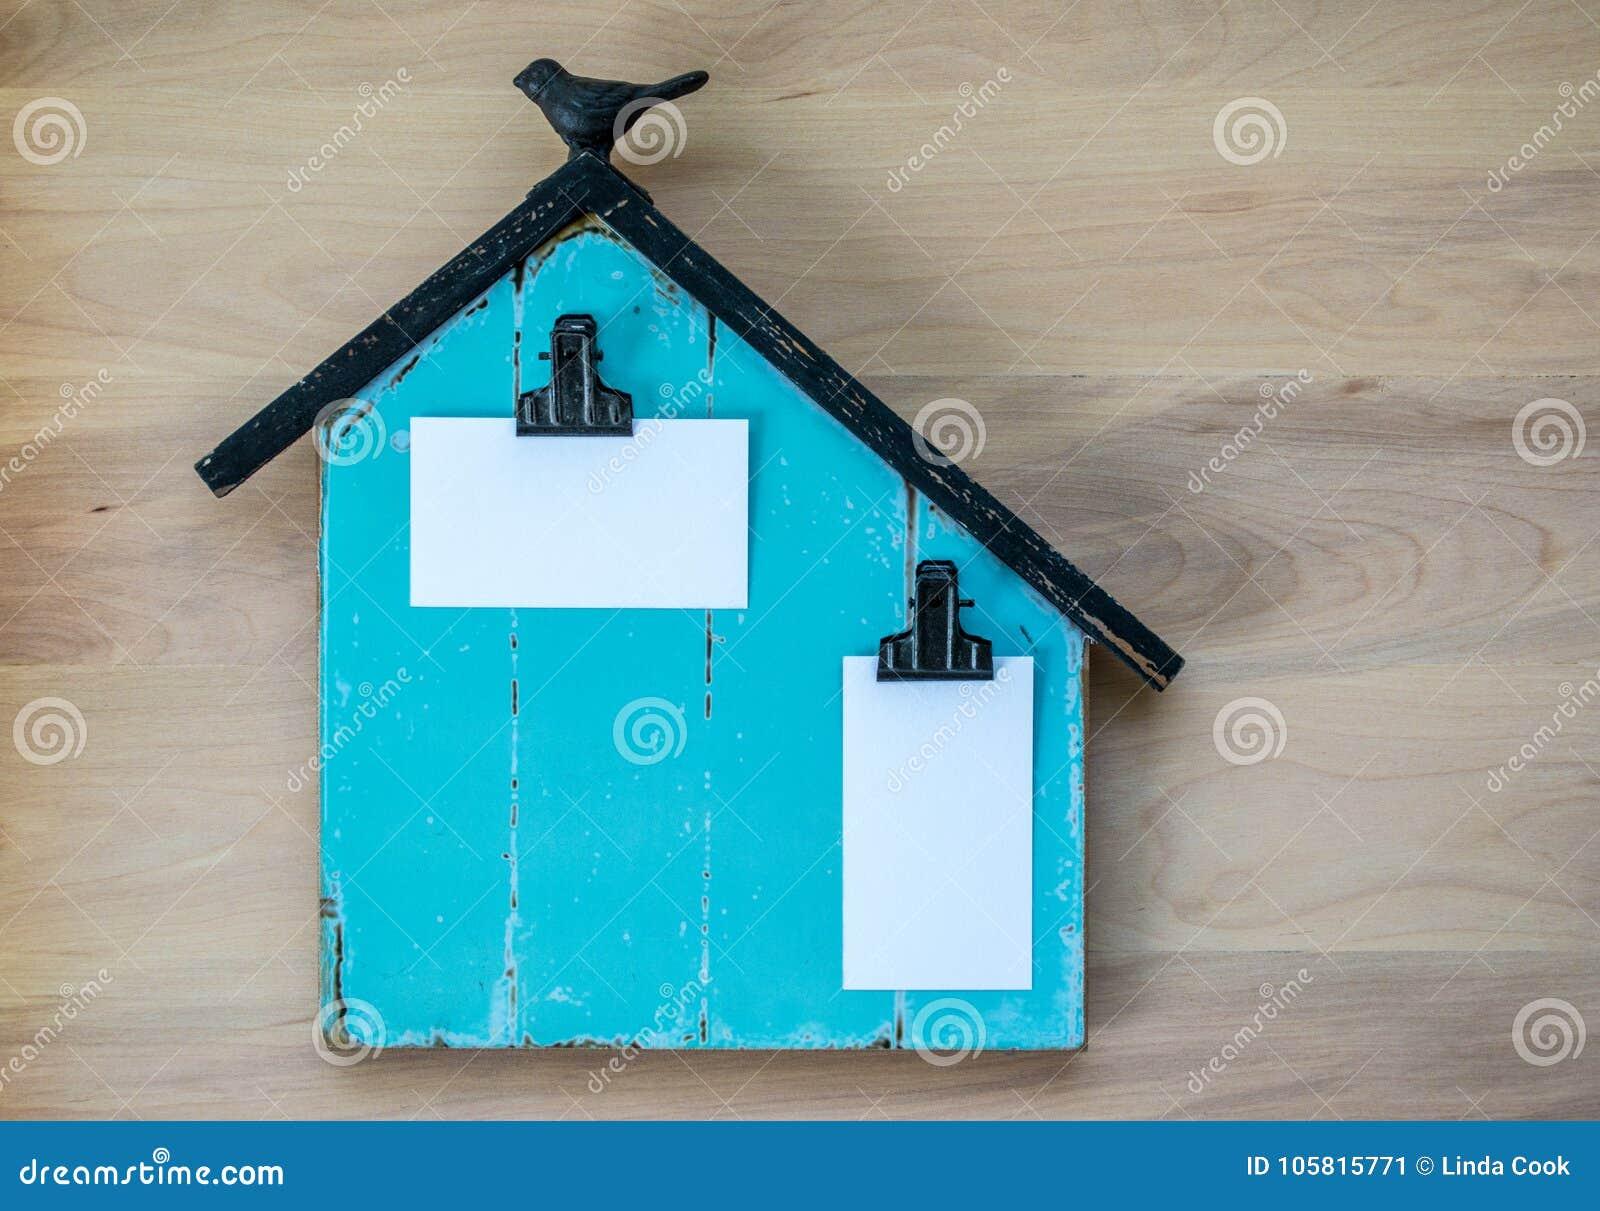 La Turquoise Et Le Panneau Noir De Note Ont Forme Comme Une Grange Avec Les Cartes Visite Professionnelle Vierges Attachees Pour Message